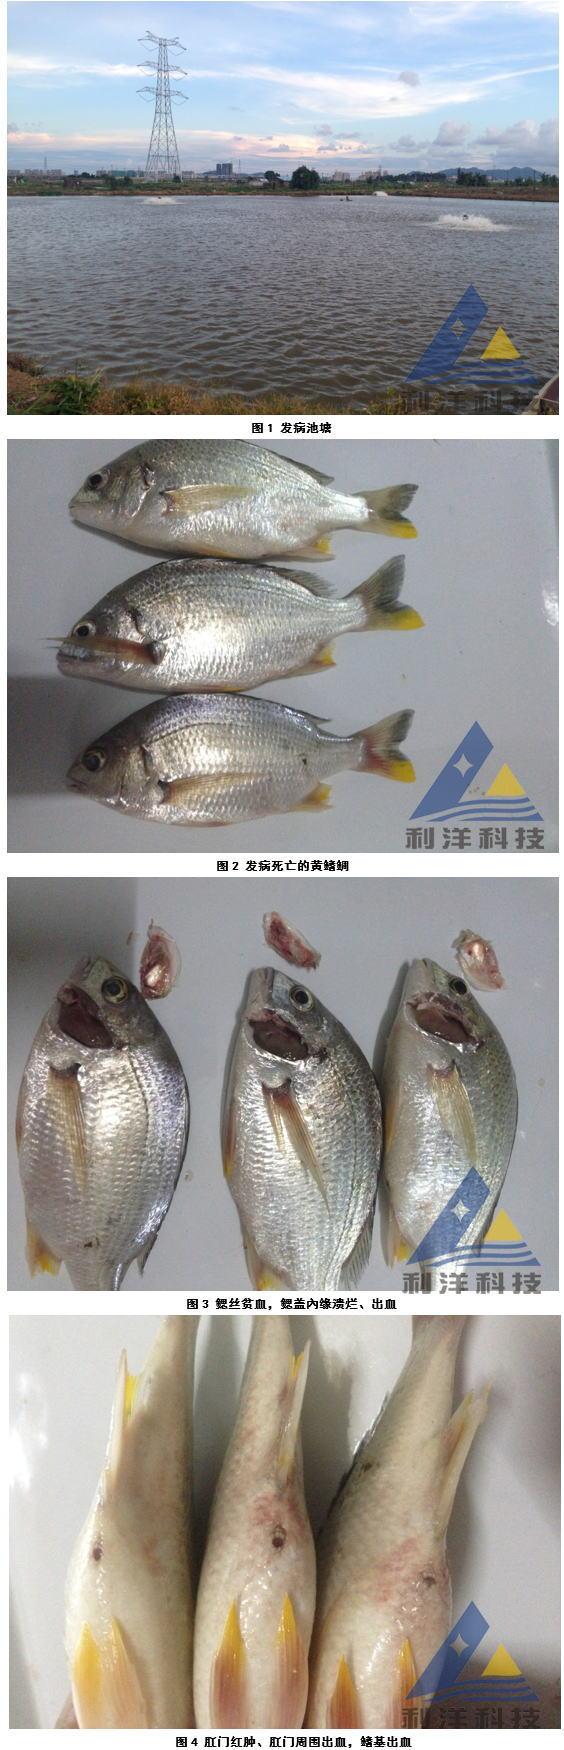 黄鳍鲷感染链球菌、死亡一例